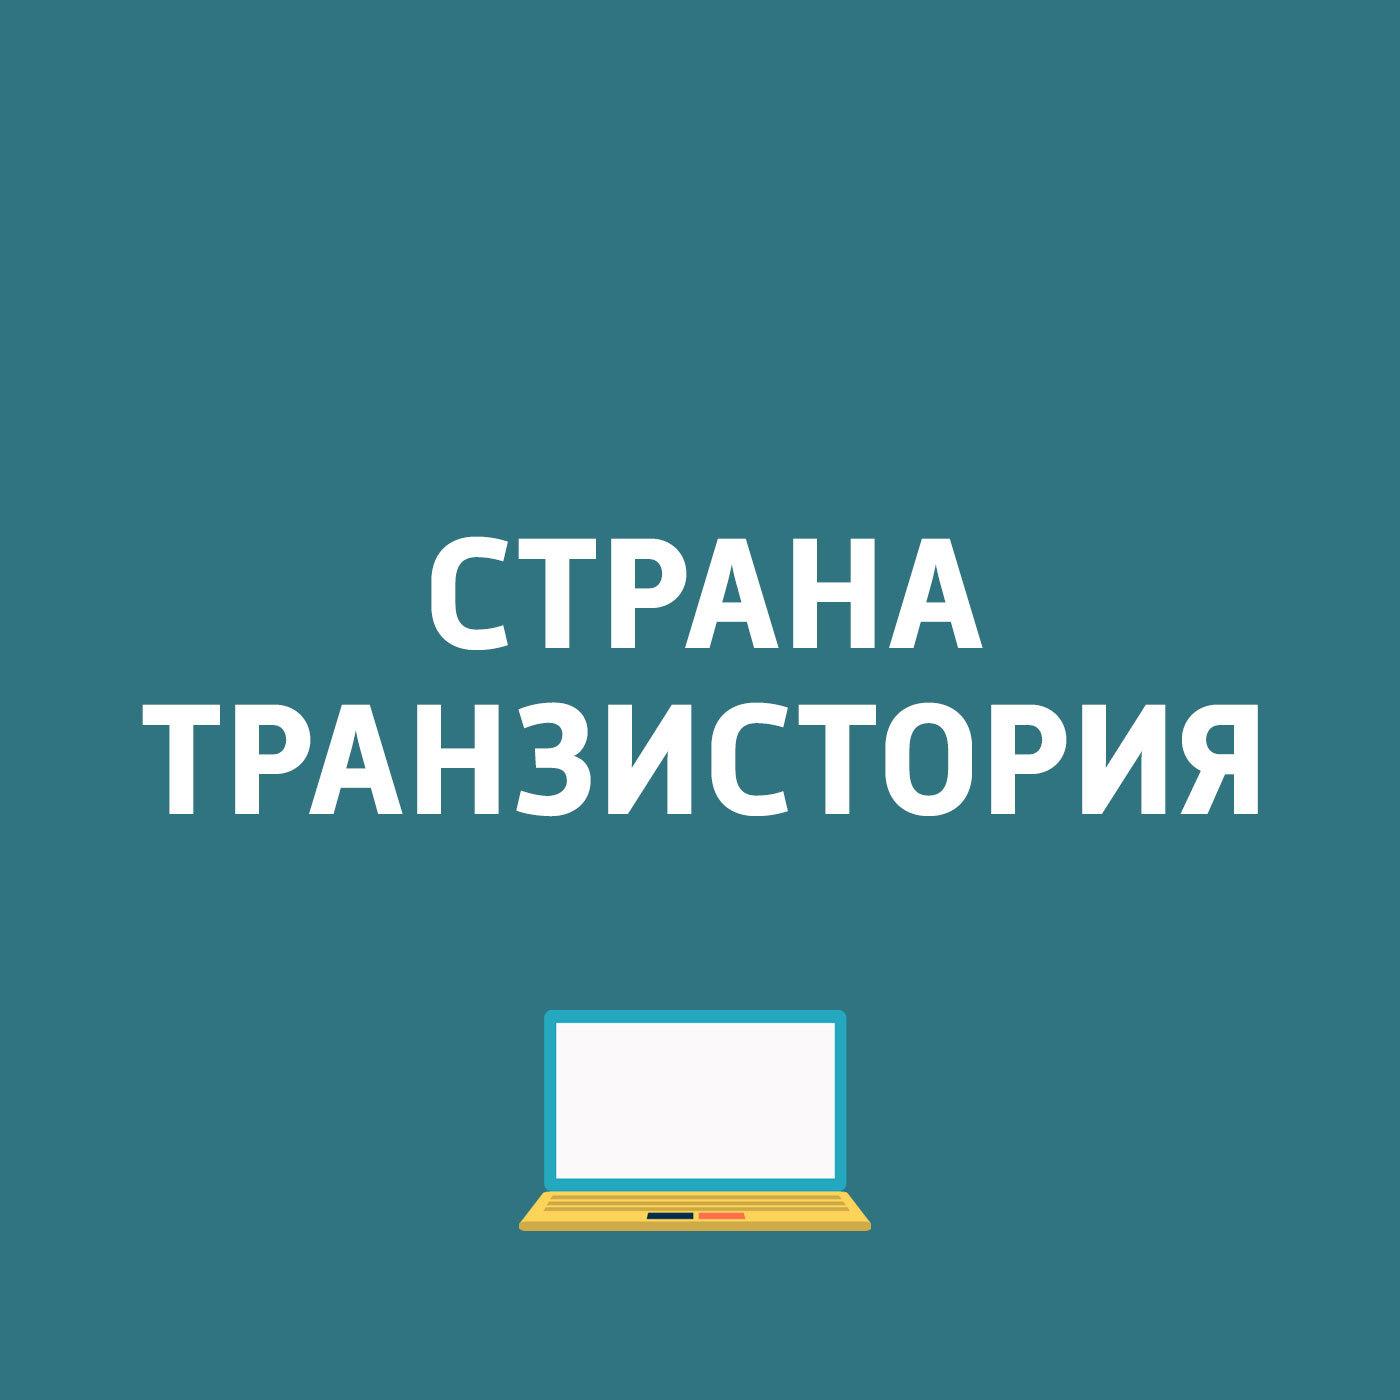 Картаев Павел «ВКонтакте» запустила приложение для видеотрансляций; Наушники Apple AirPods невозможно разобрать и починить... картаев павел компания petoi запустила кампанию по сбору средств на робота котёнка nybble